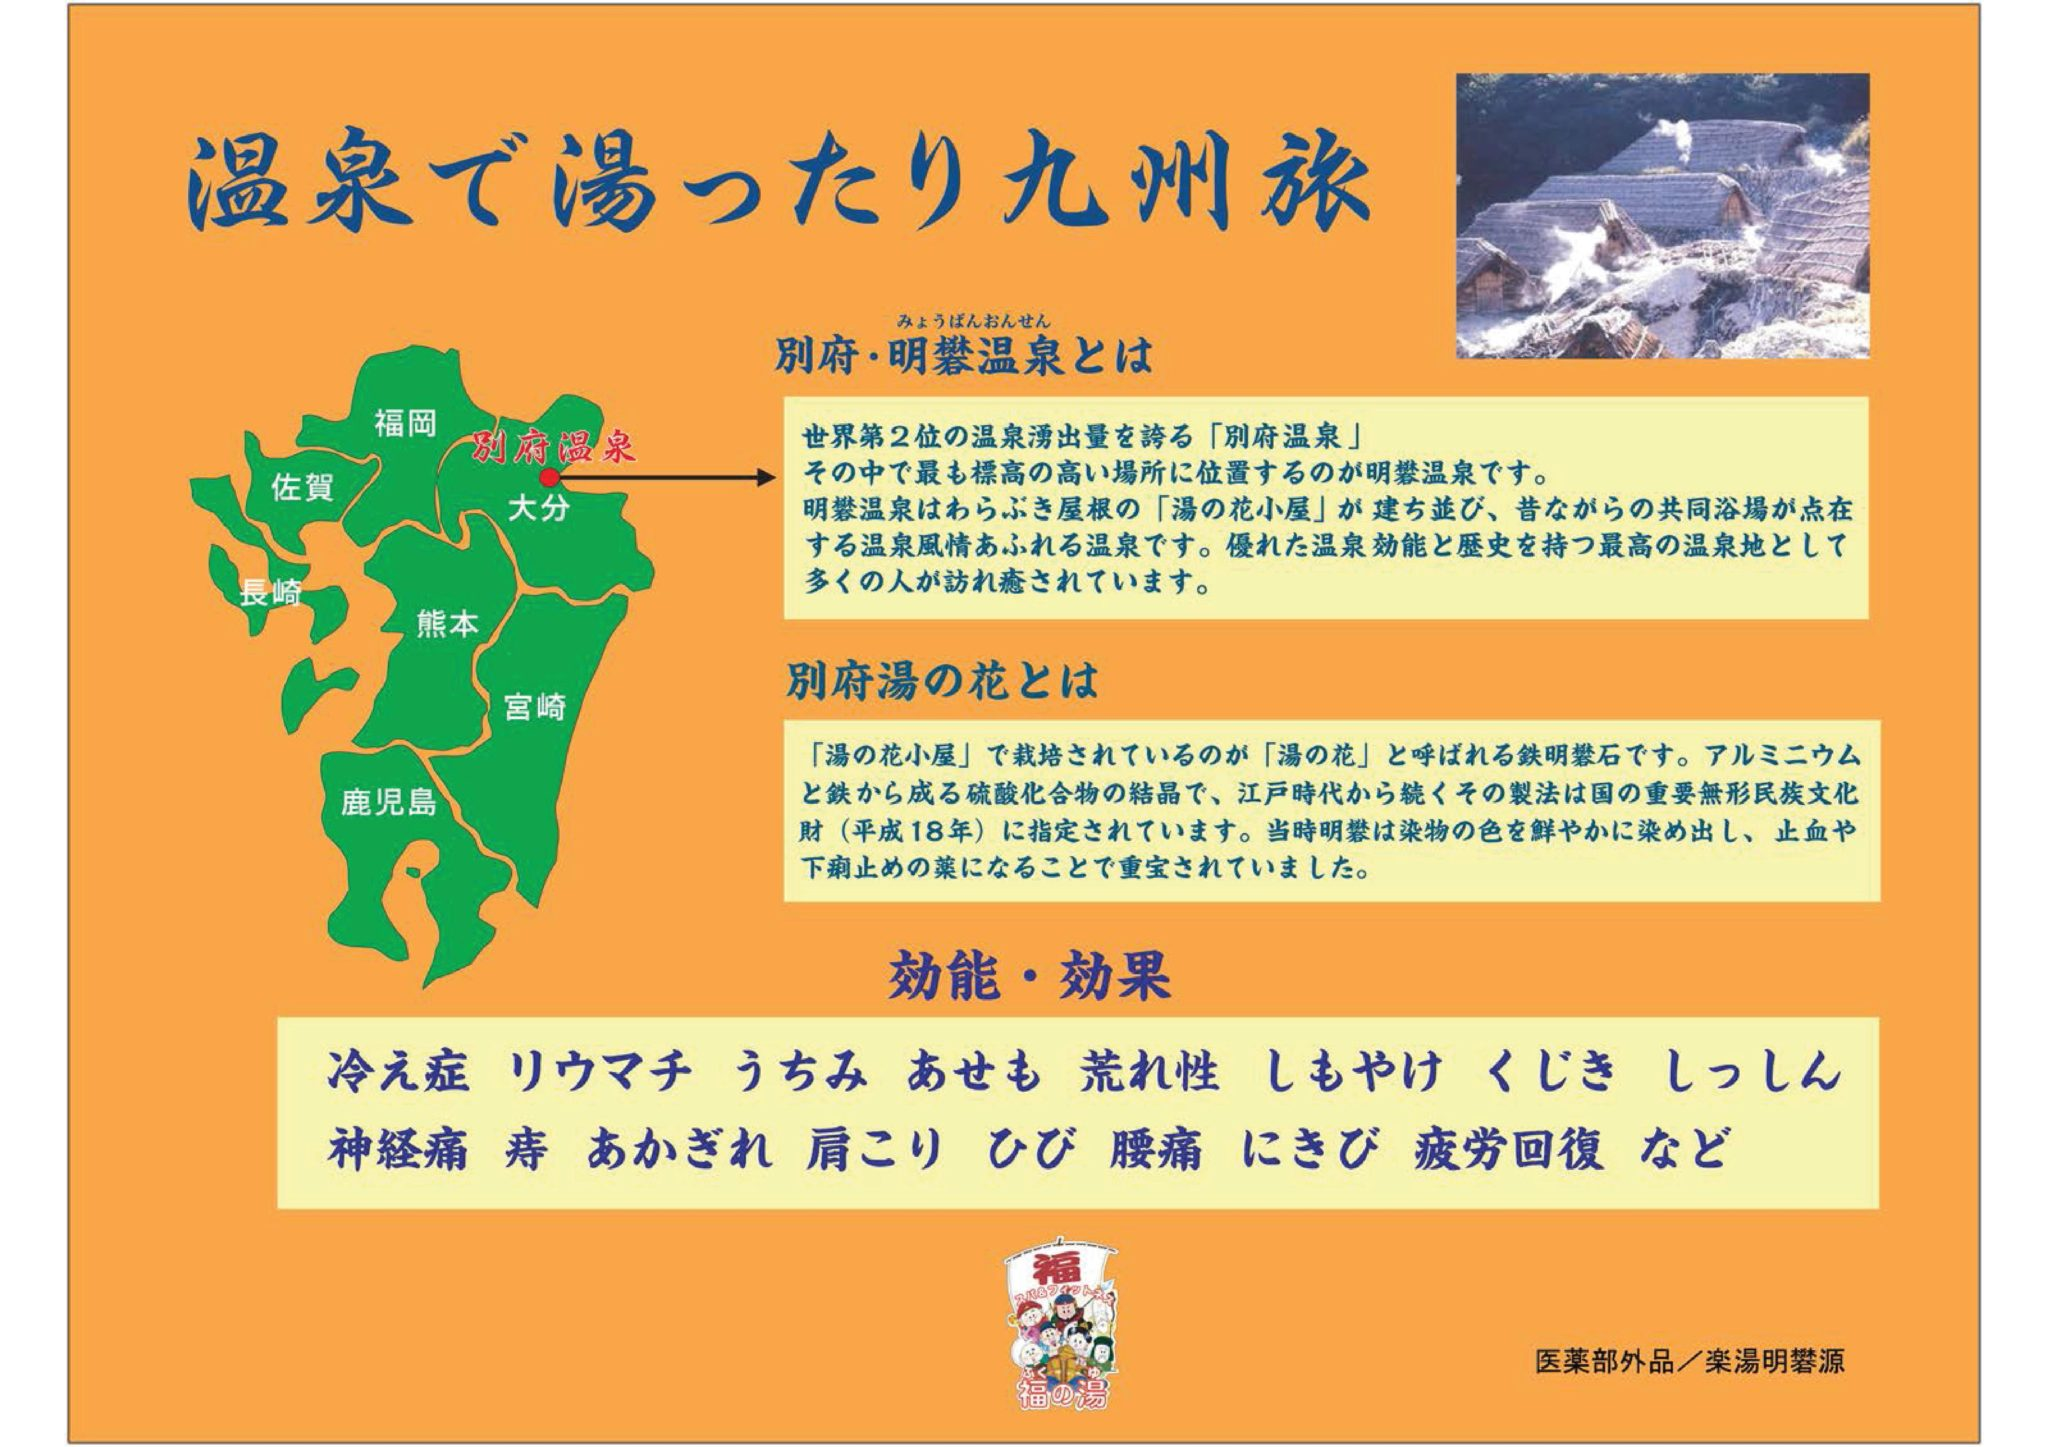 温泉で湯ったり九州旅